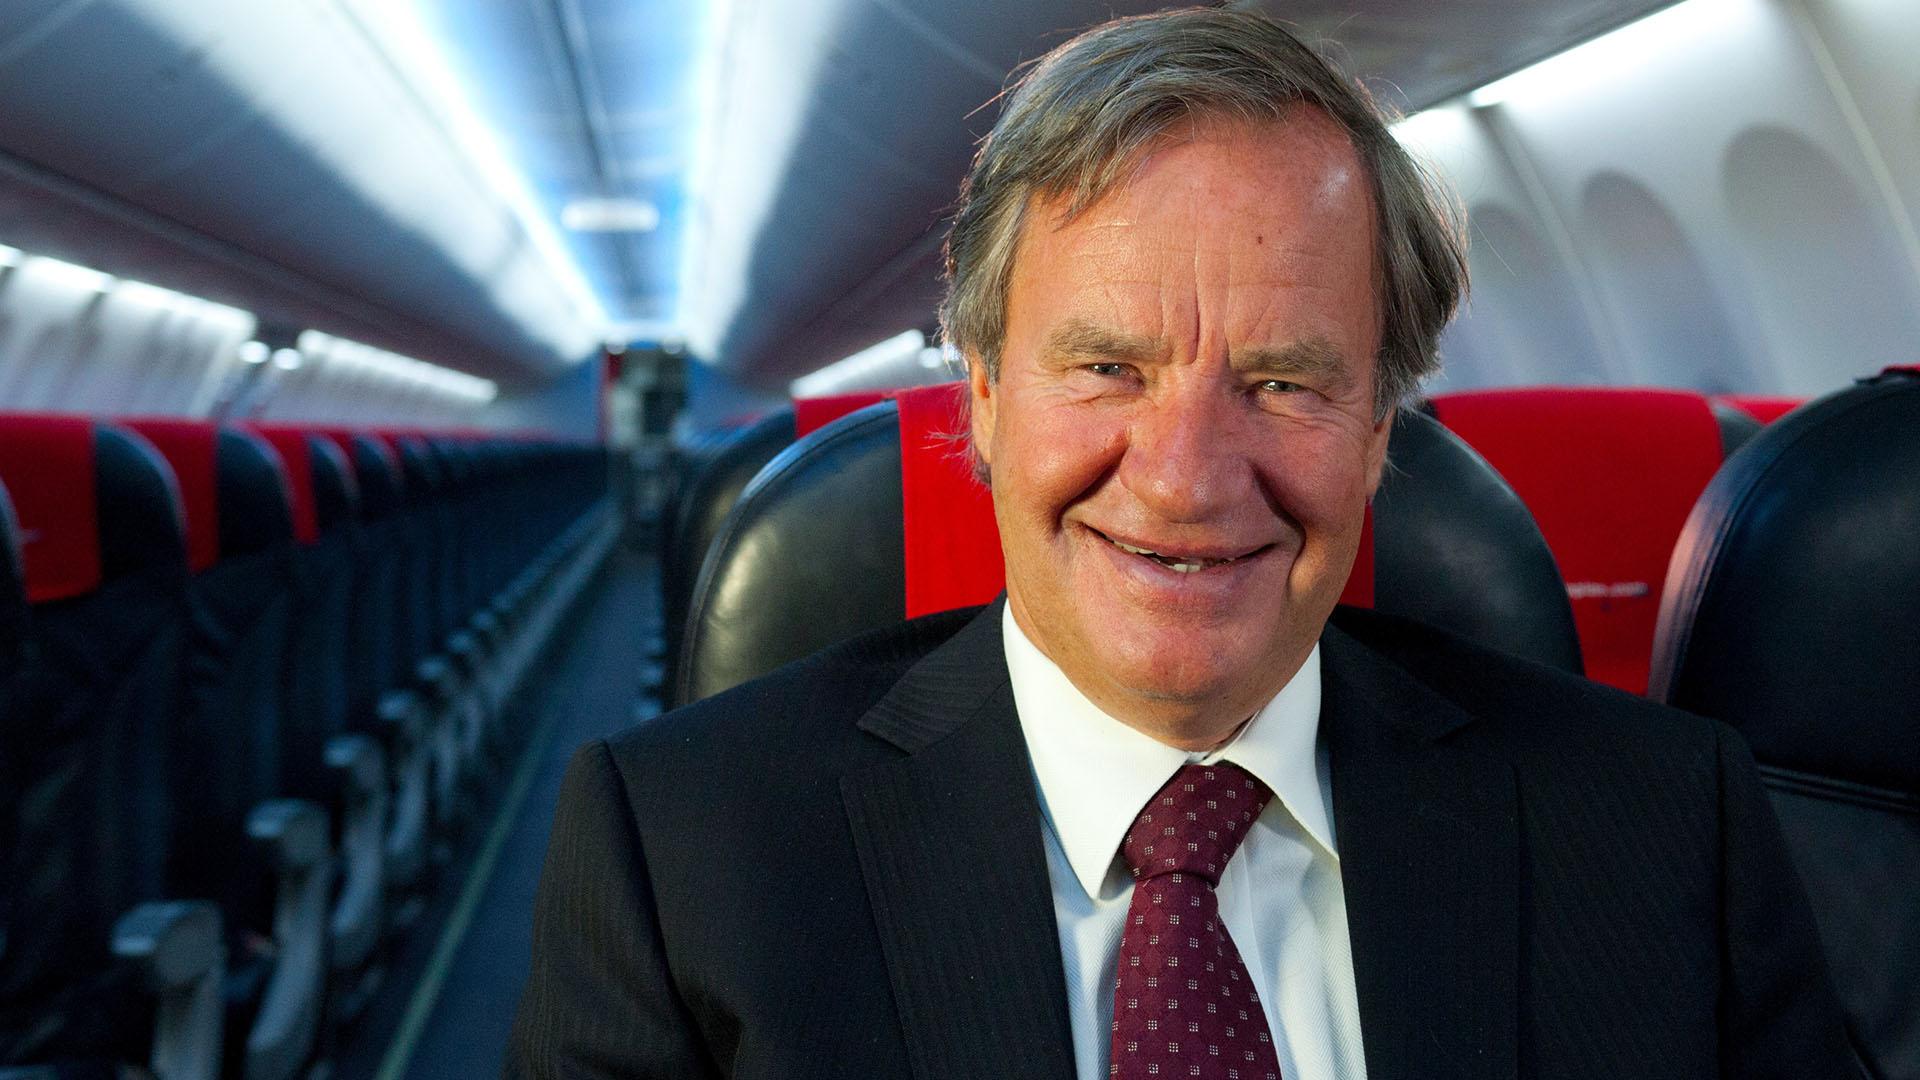 Bjorn Kjos, CEO de Norwegian Airlines